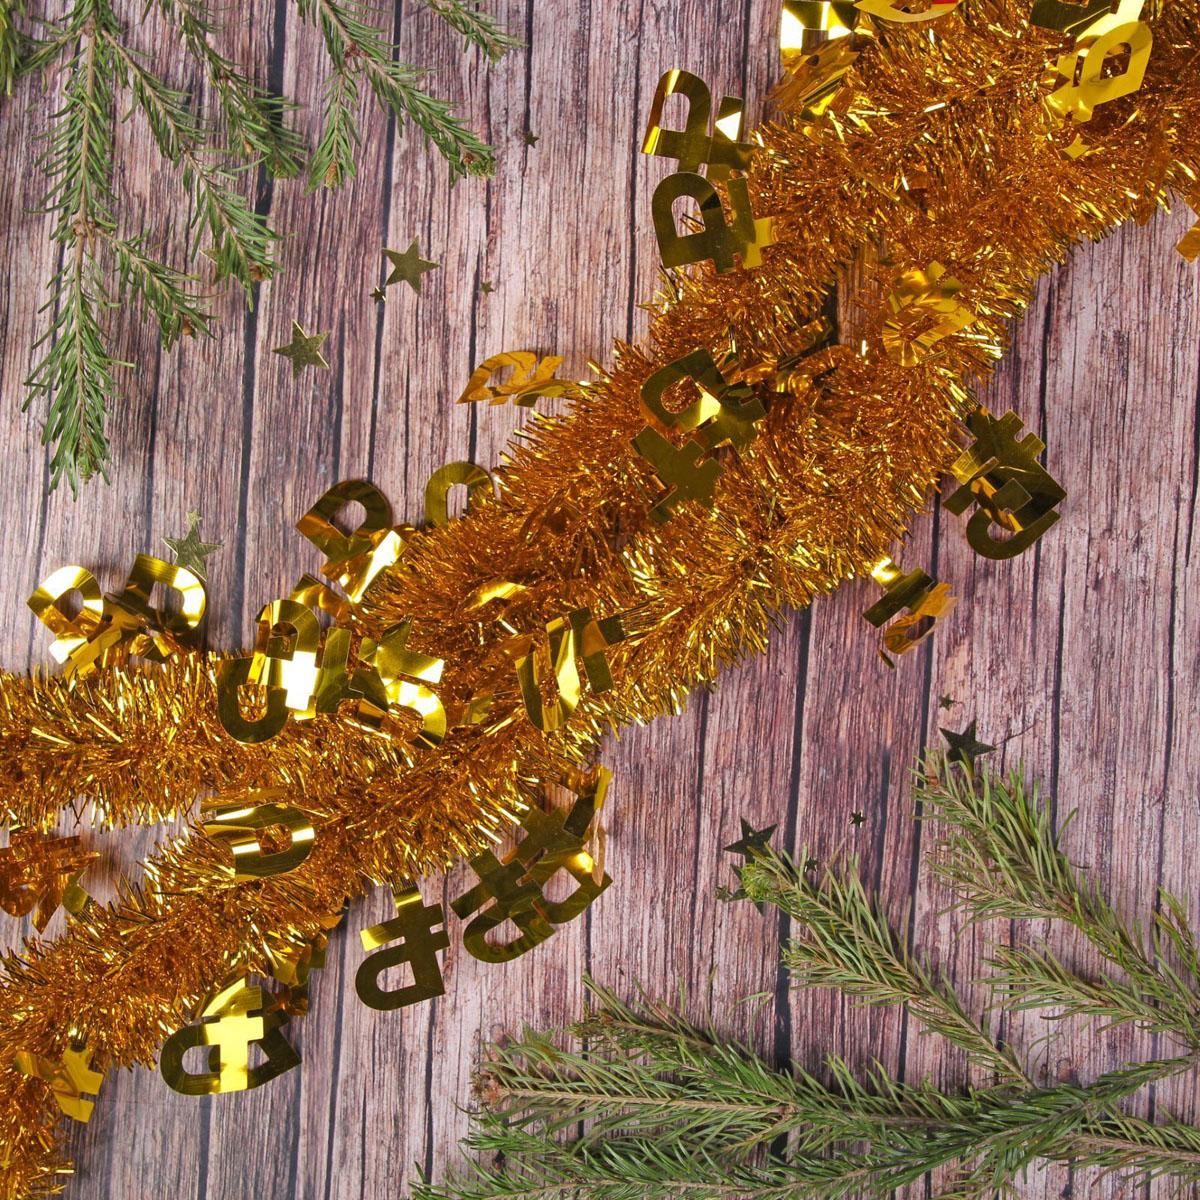 Мишура новогодняя Sima-land Рубль, цвет: золотой, диаметр 5 см, длина 2 м. 23176432317643Невозможно представить нашу жизнь без праздников! Мы всегда ждем их и предвкушаем, обдумываем, как проведем памятный день, тщательно выбираем подарки и аксессуары, ведь именно они создают и поддерживают торжественный настрой.